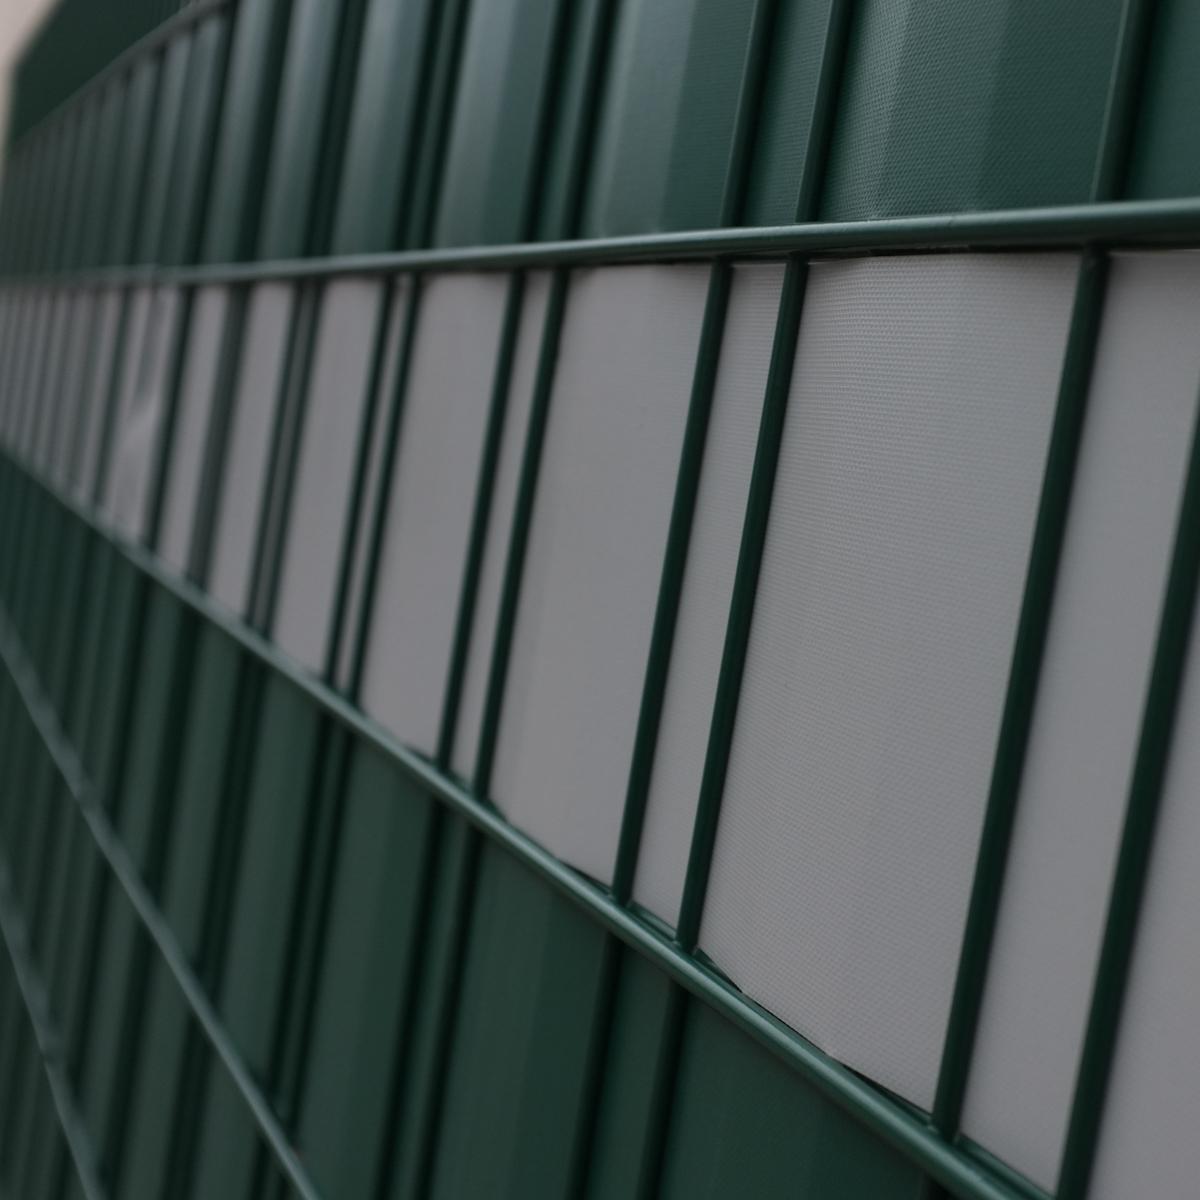 pvc sichtschutz folie stabmatten windschutz gr n grau. Black Bedroom Furniture Sets. Home Design Ideas